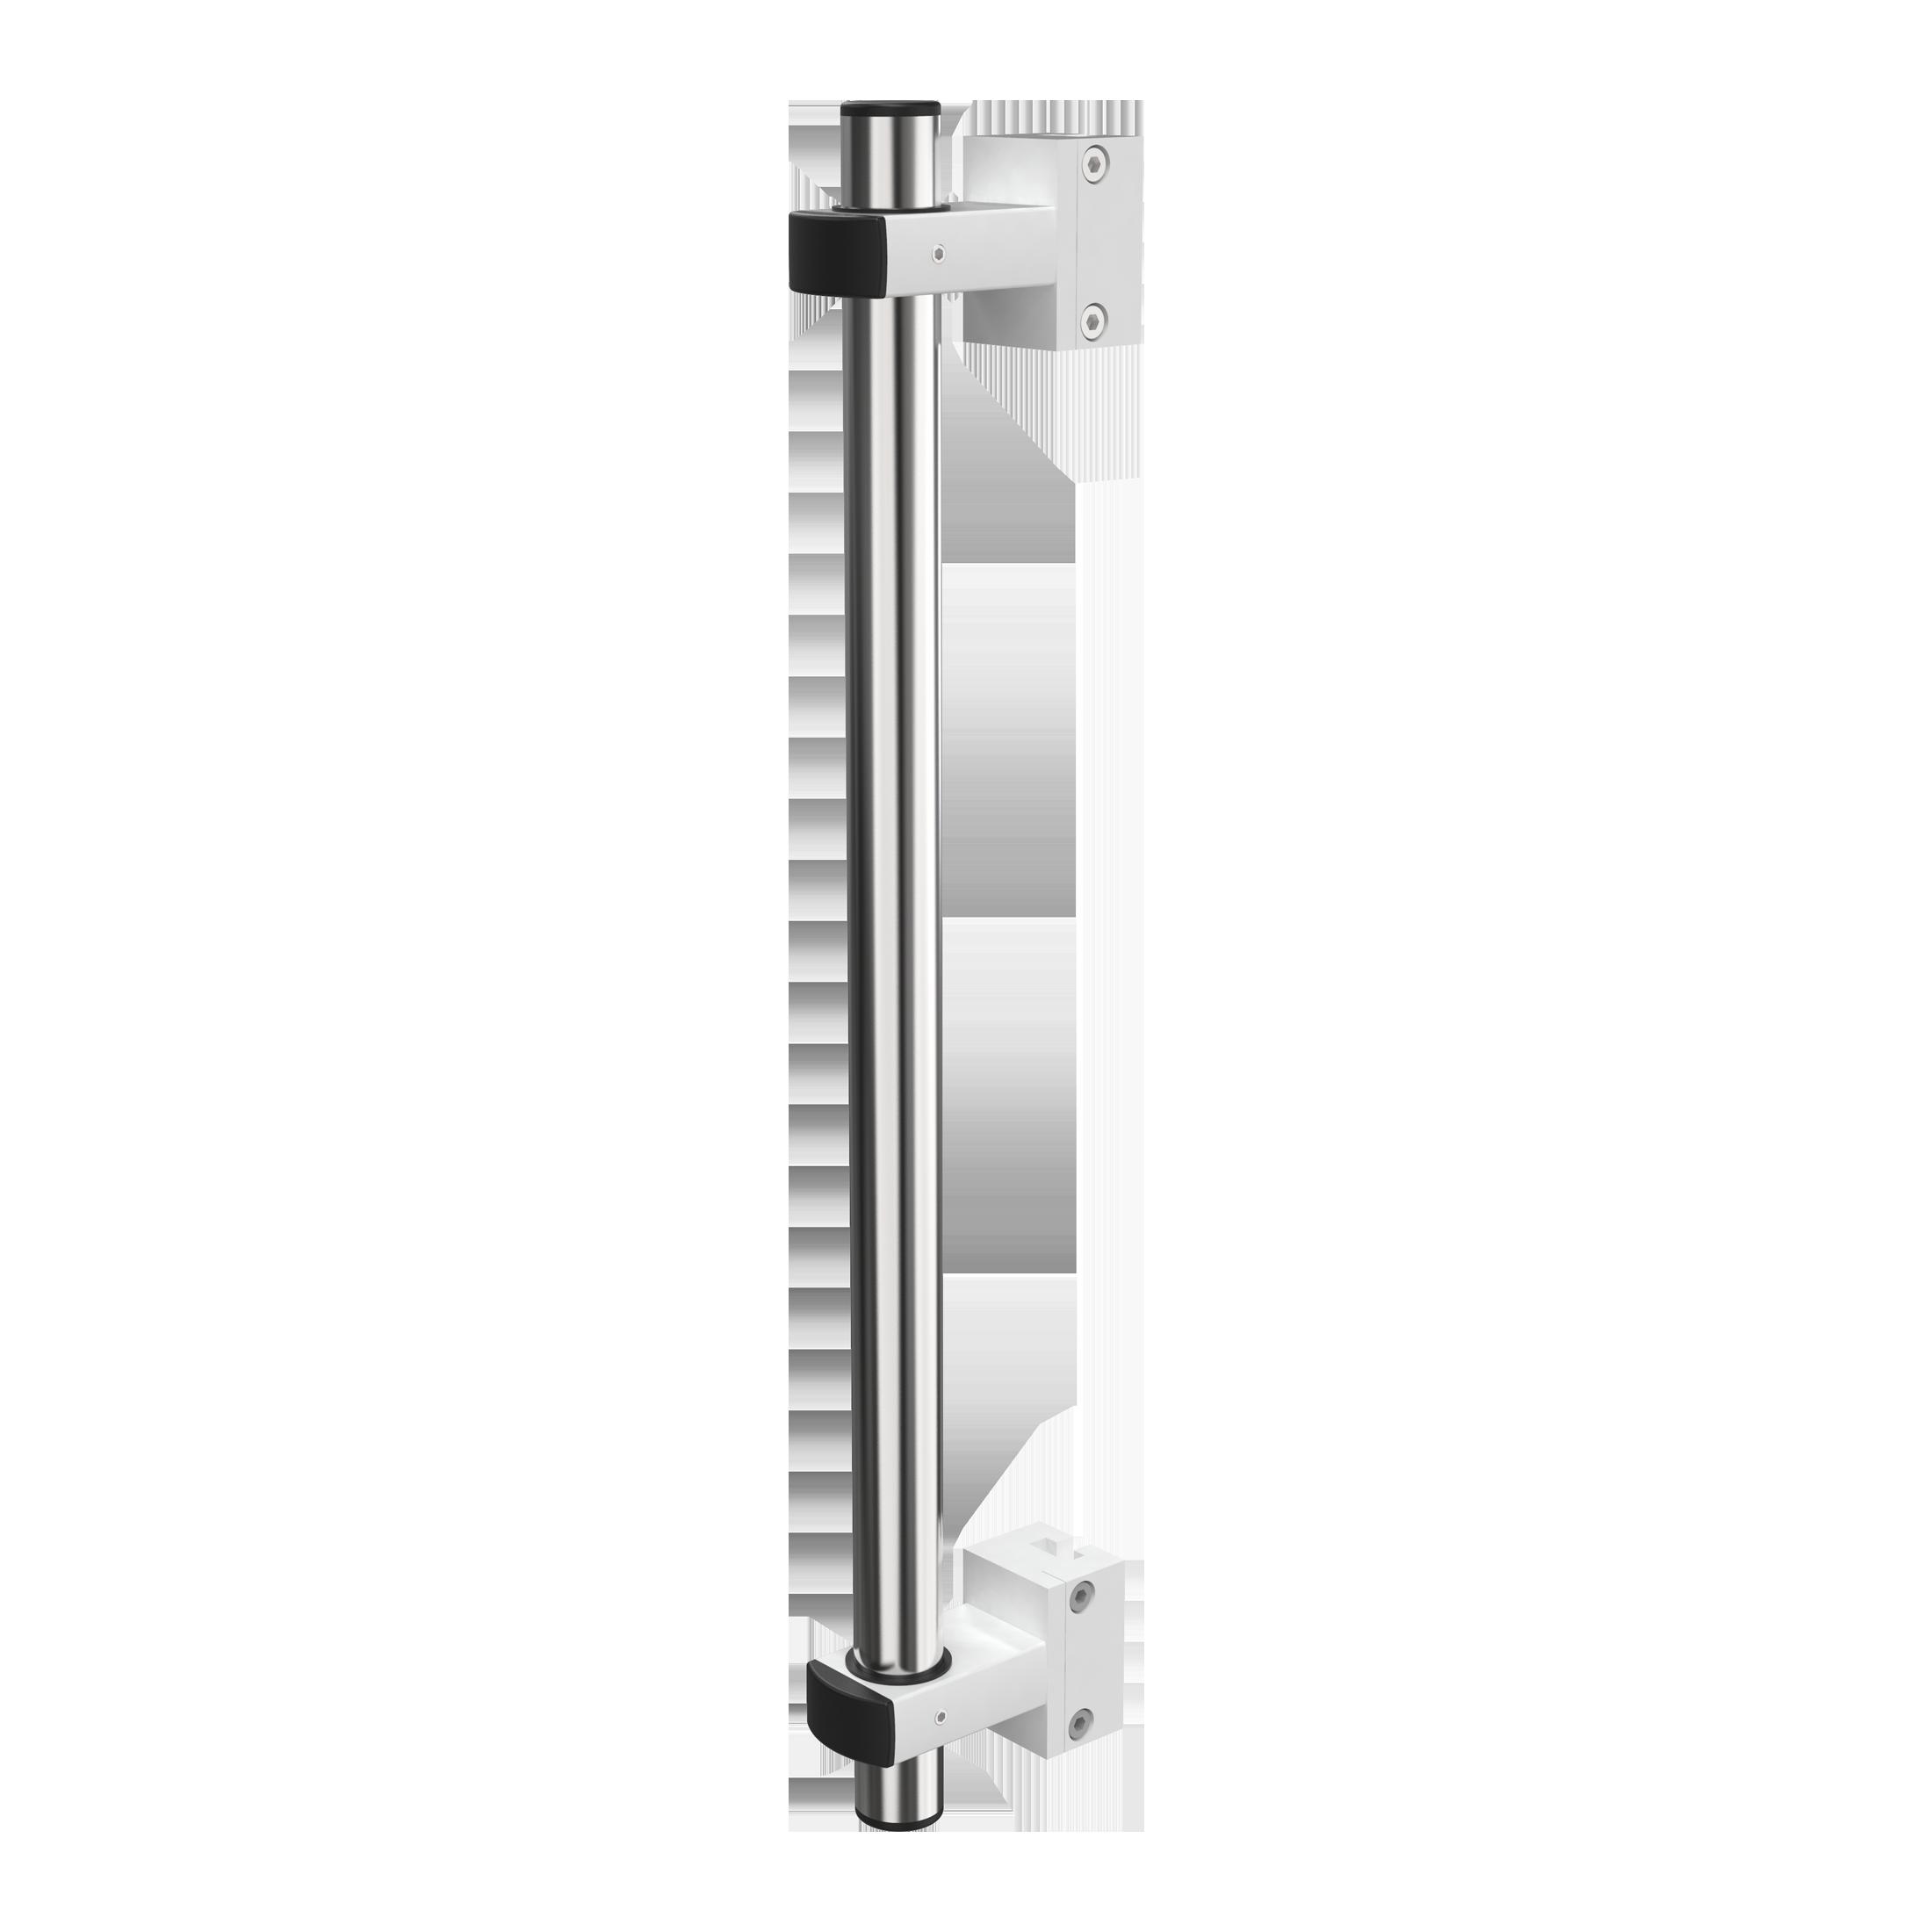 Pumpentragsystem für Vertikalschiene 25 x 10 mm